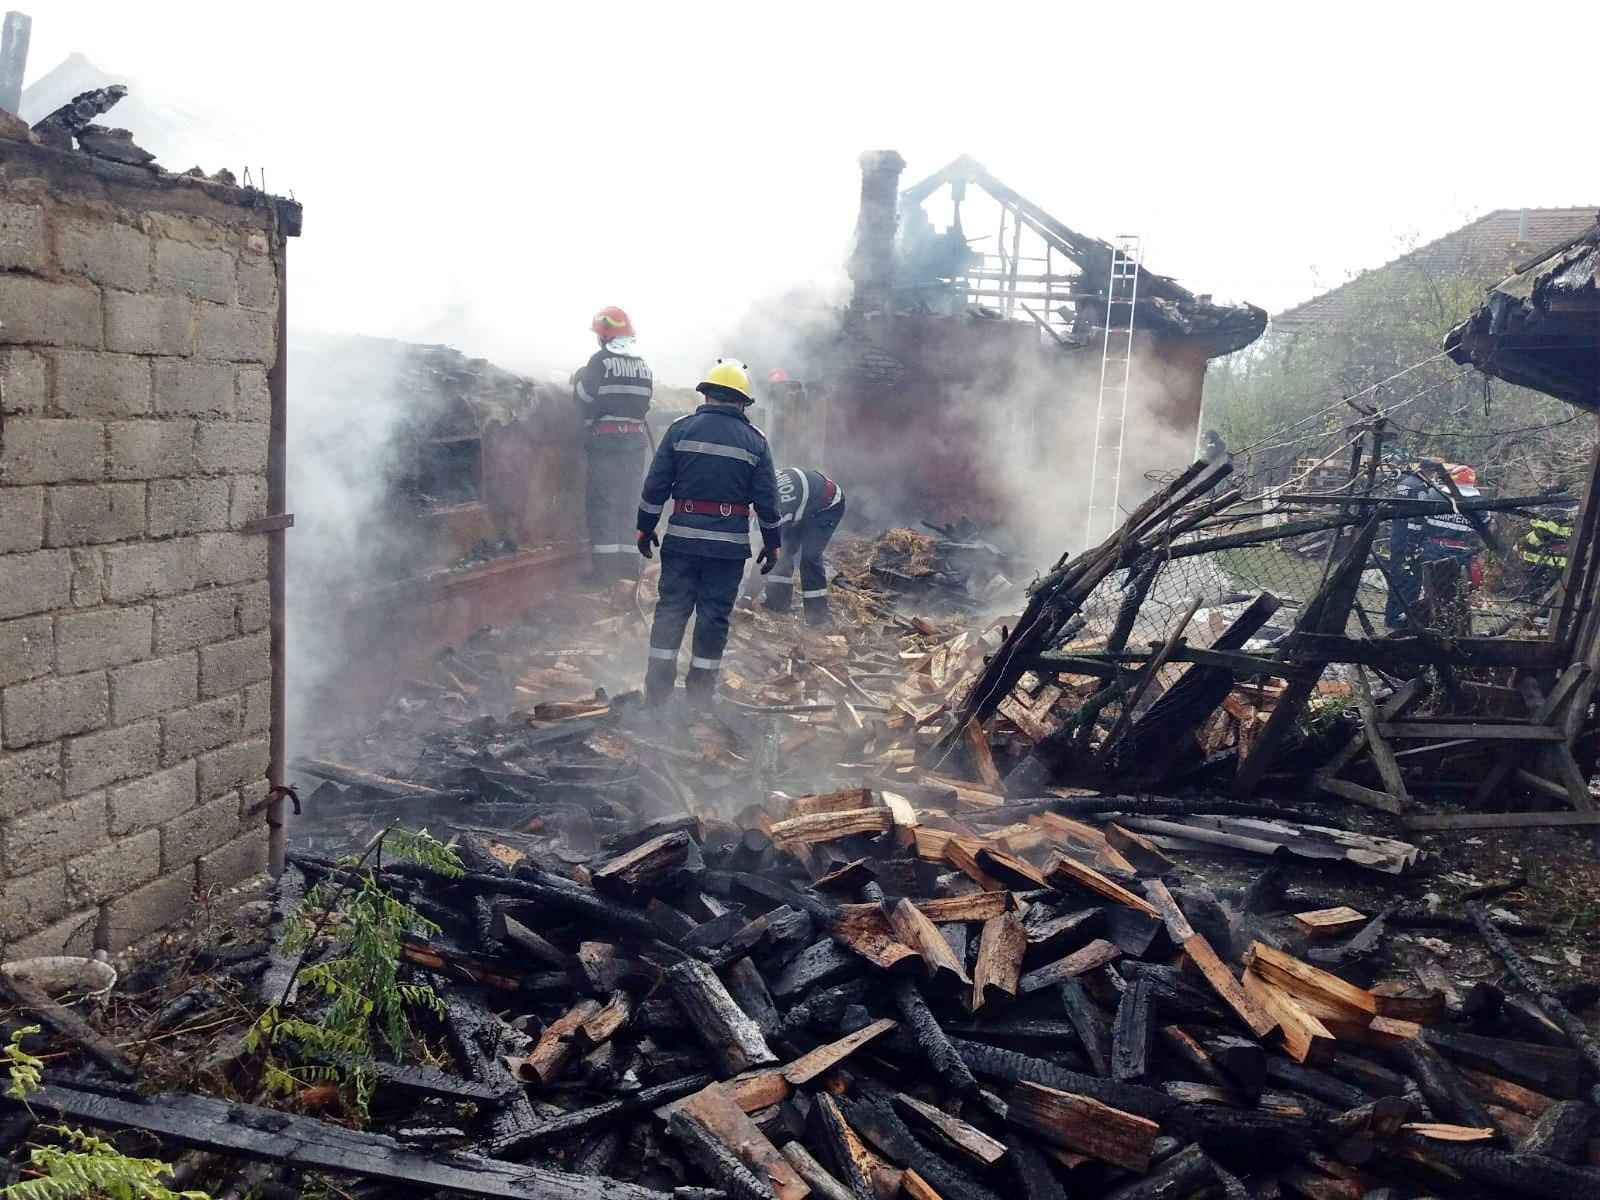 Incendiu la o gospodărie din comuna Odobești, cu o victimă găsită decedată